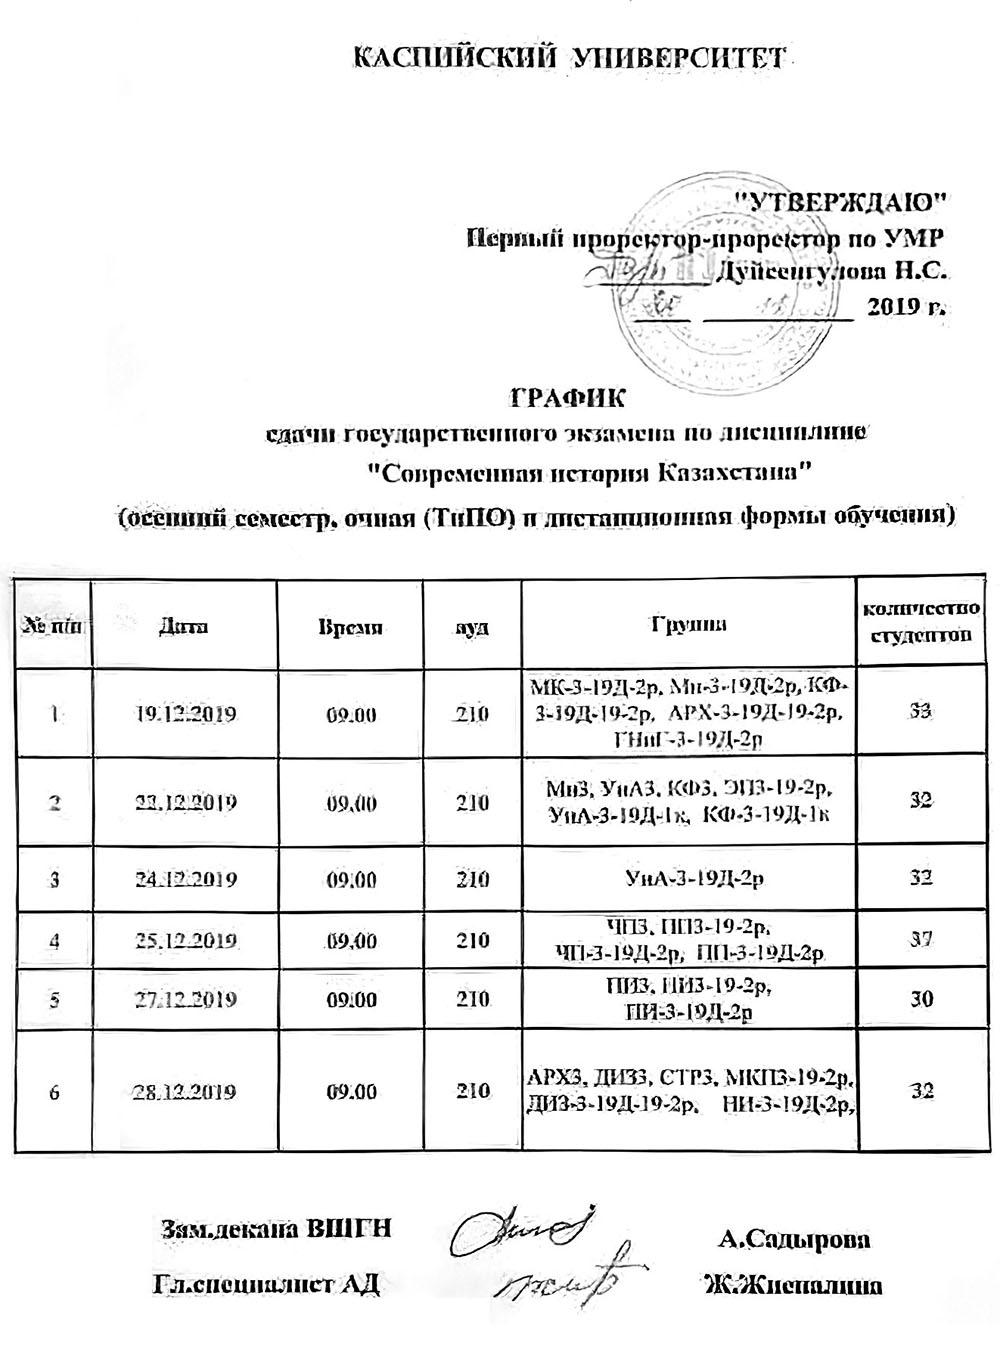 Attachment График сдачи ГЭК по Современной истории Казахстана_1000.jpg